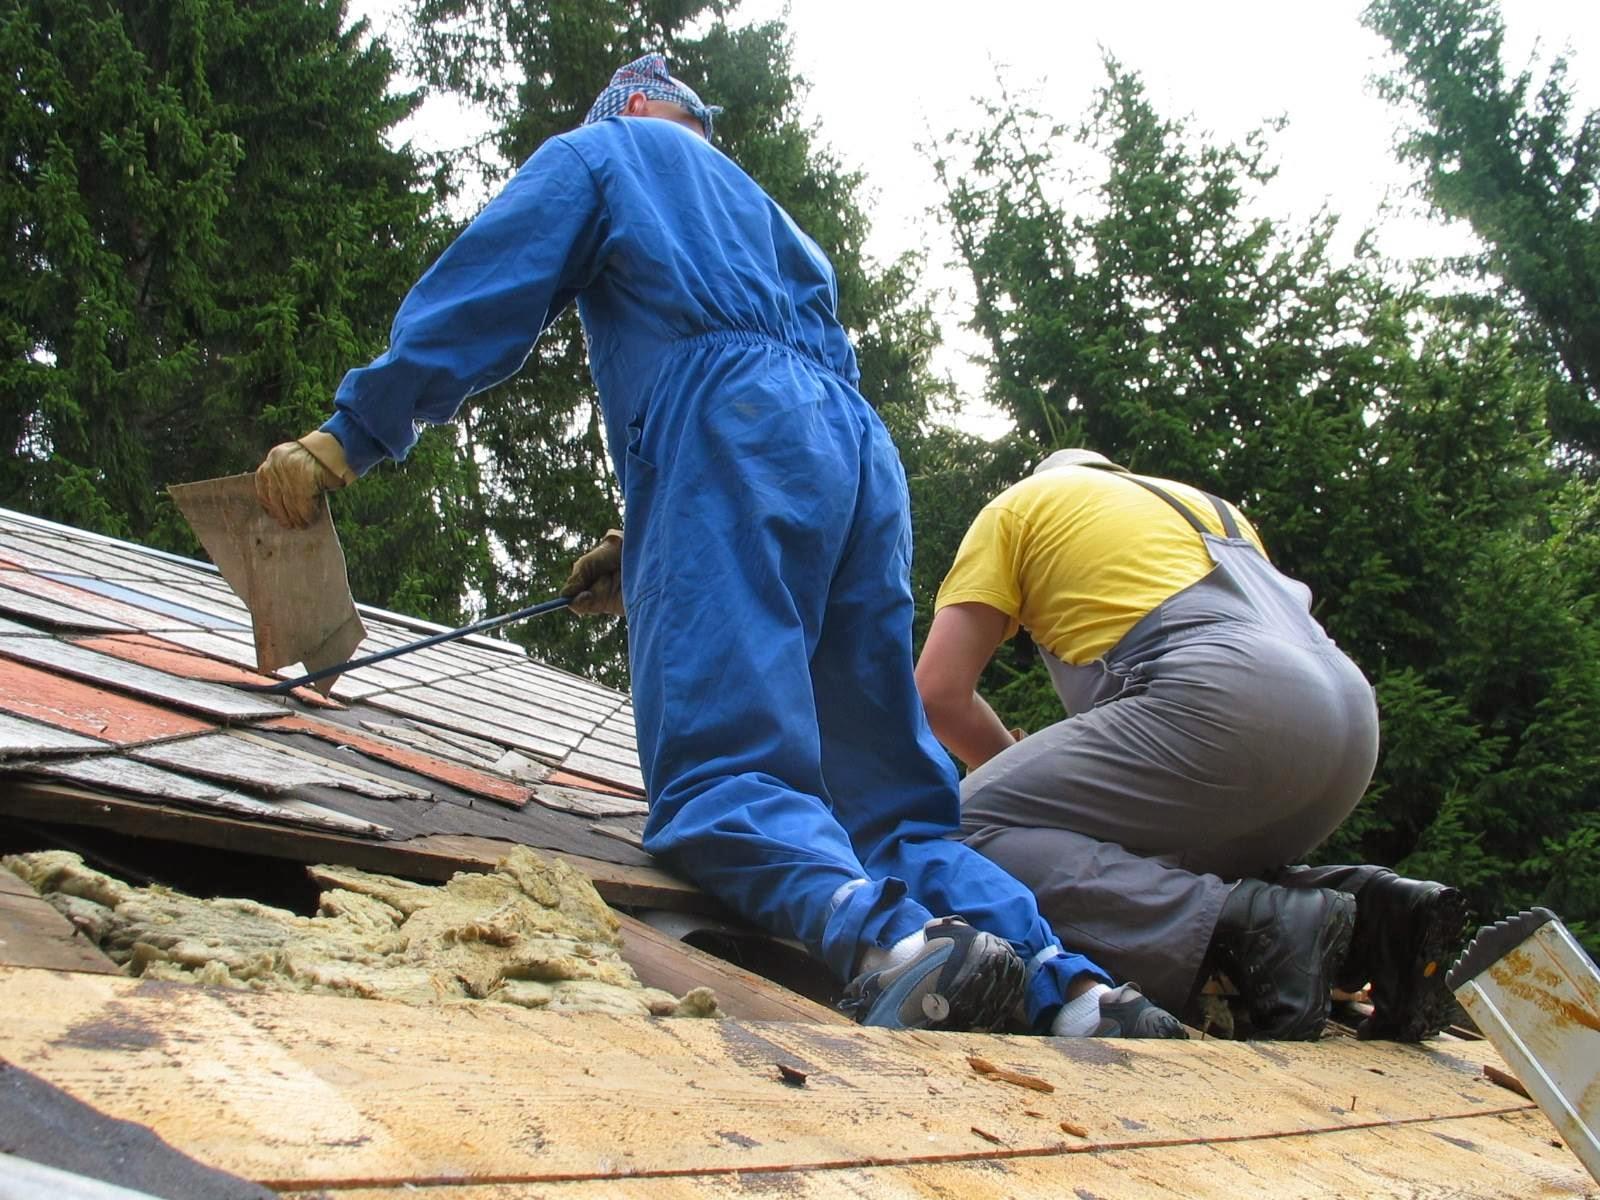 Delovna akcija - Streha, Črni dol 2006 - streha%2B030.jpg